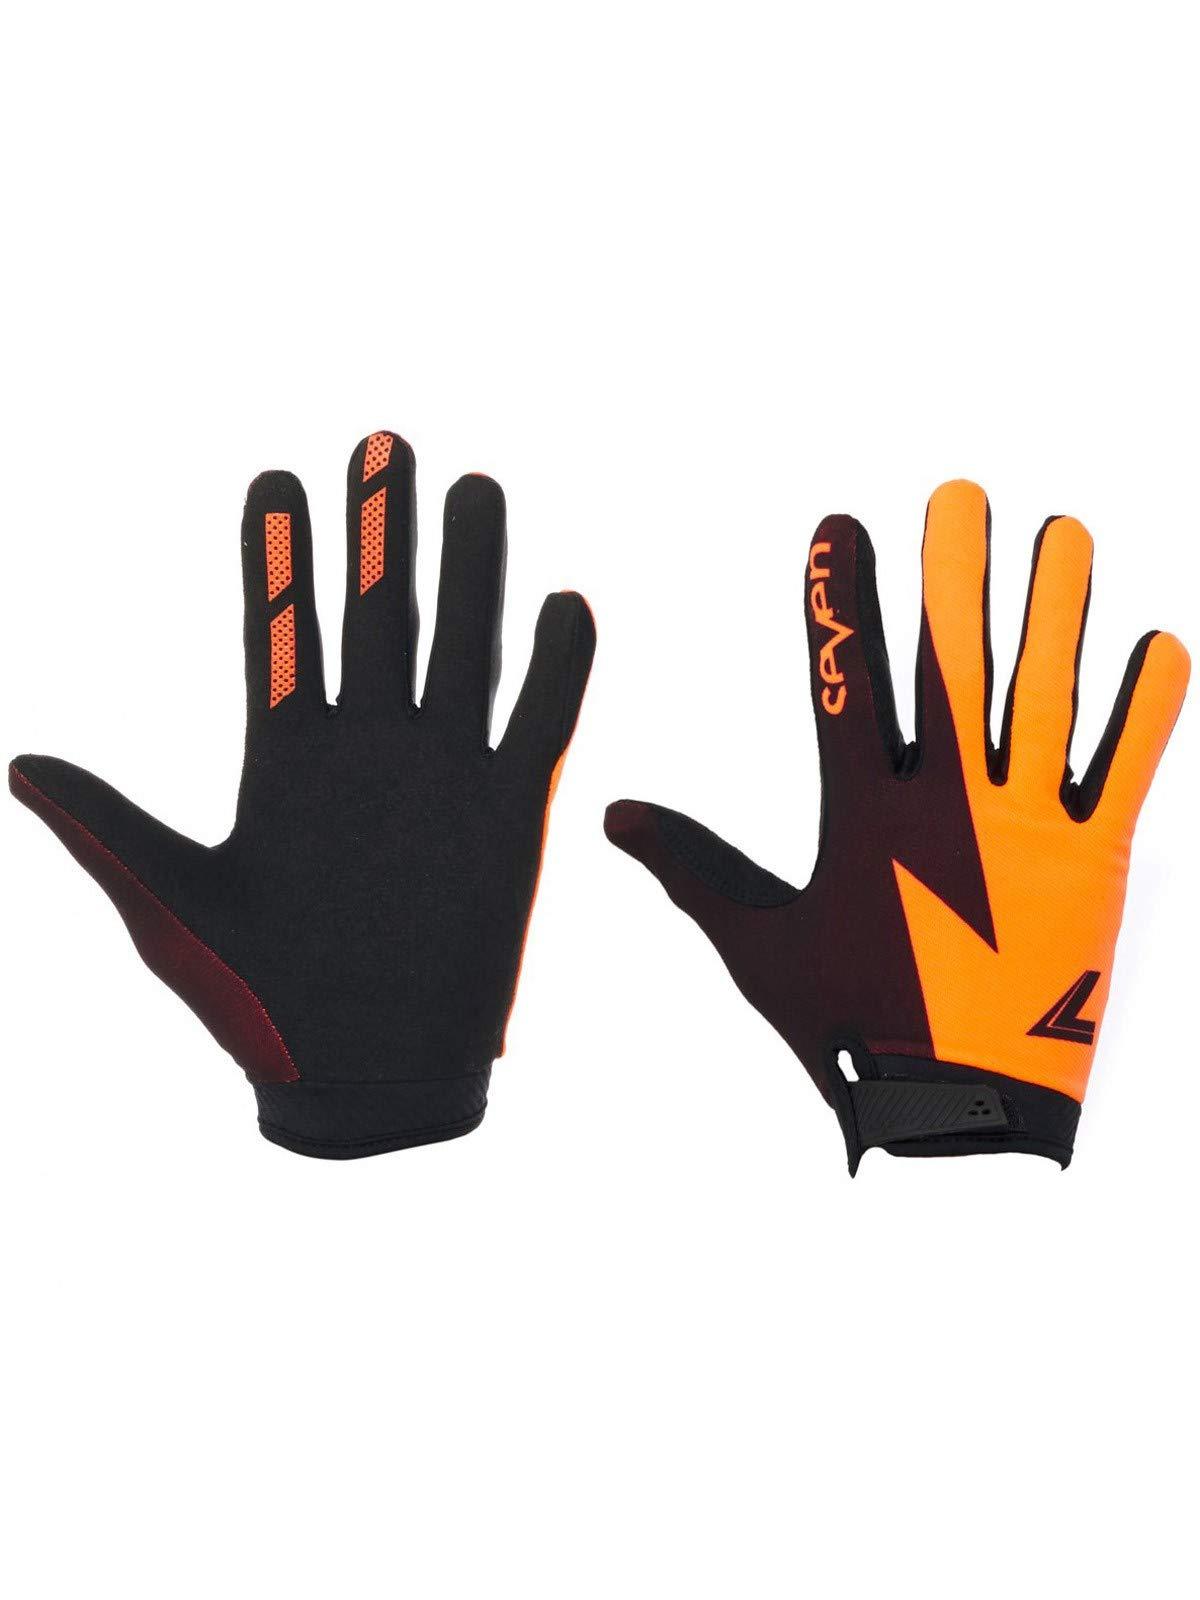 Seven Mx Mx Handschuhe 2018 Rival Fluorescent Orange Small , Orange